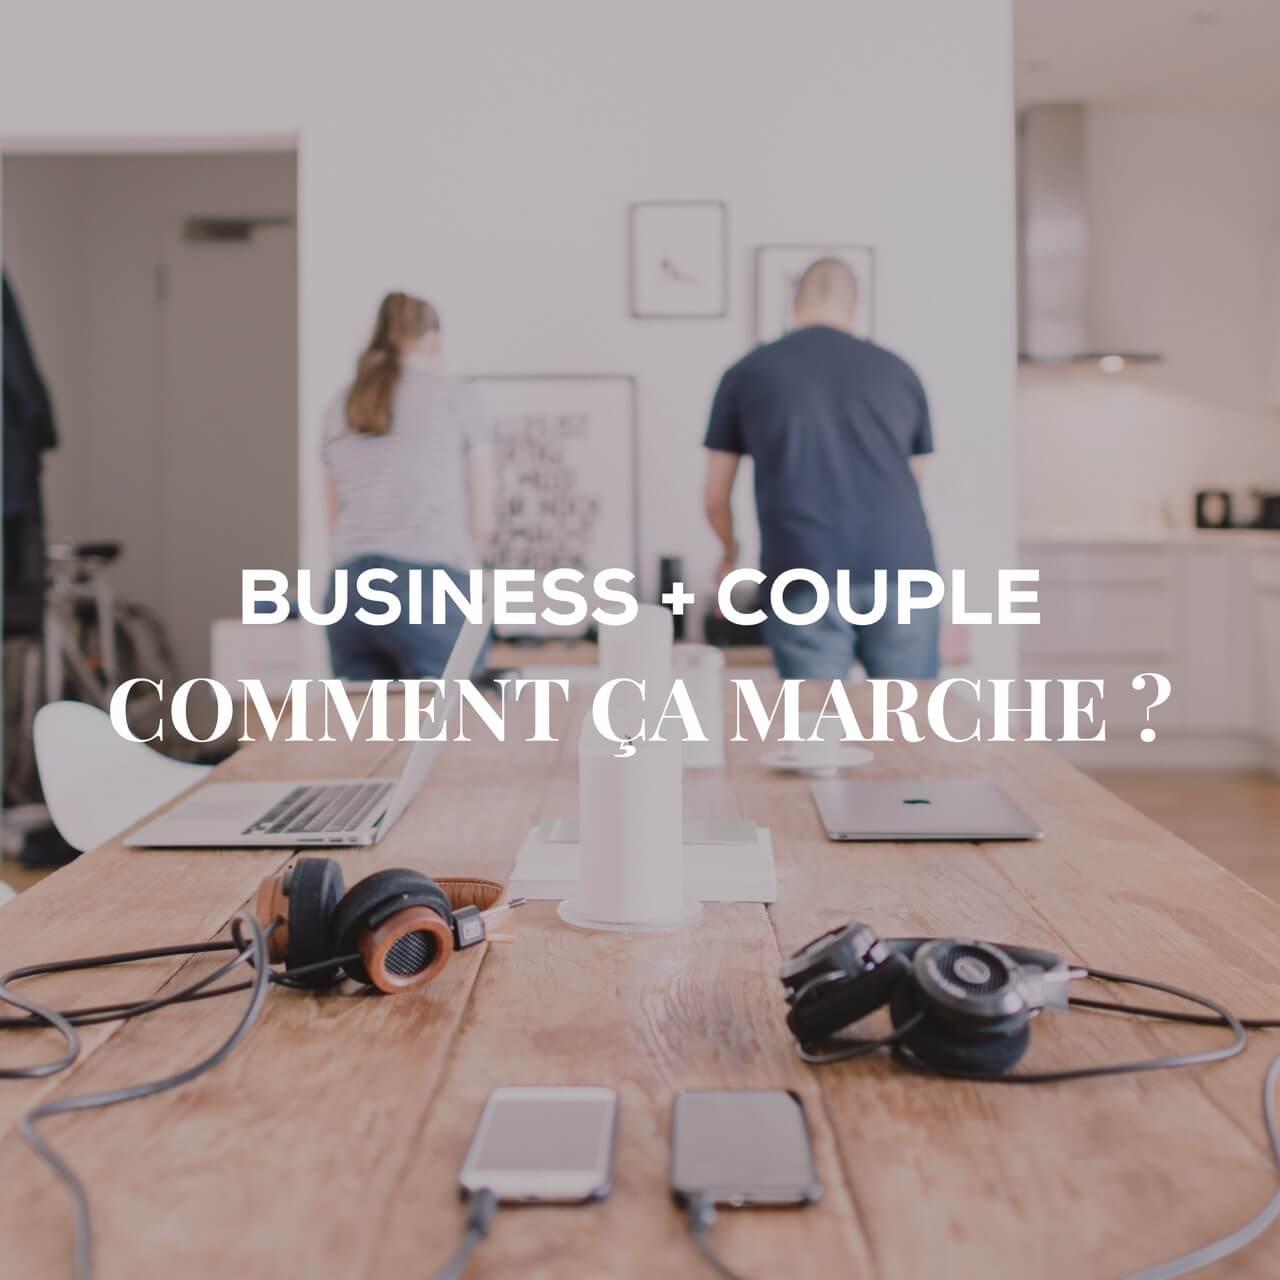 Business + Couple = comment faisons-nous ? avec Leslie Passerino